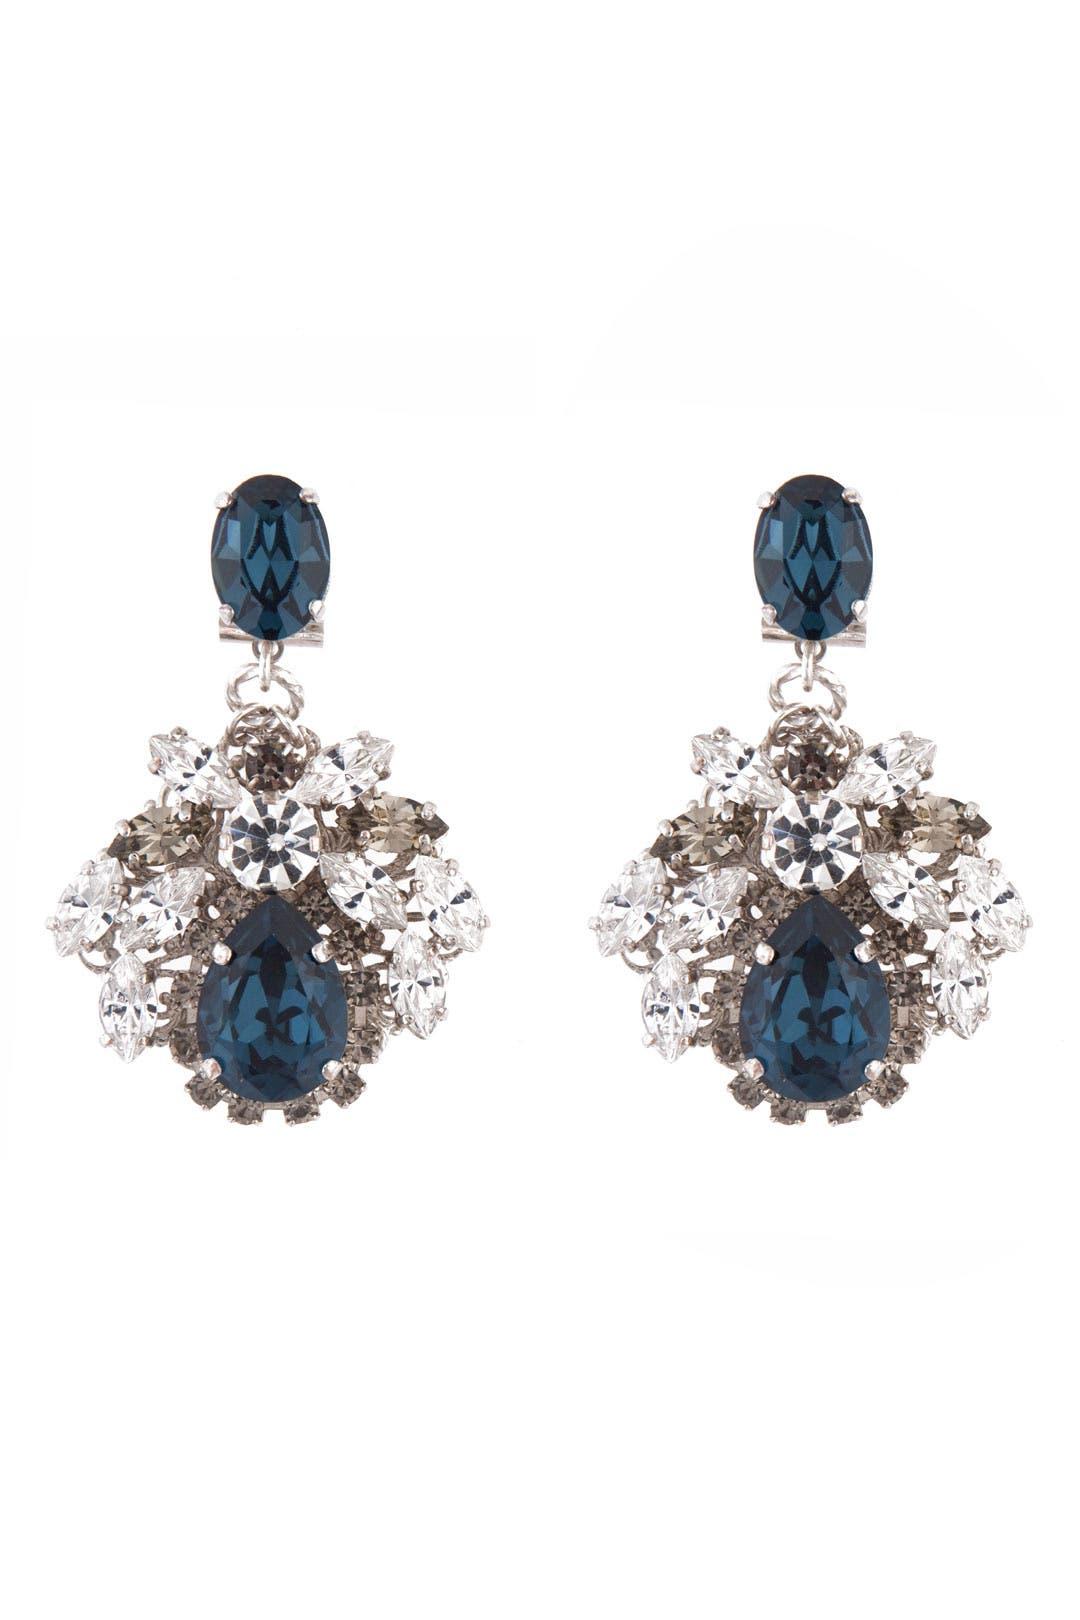 Something Blue Earrings by Anton Heunis